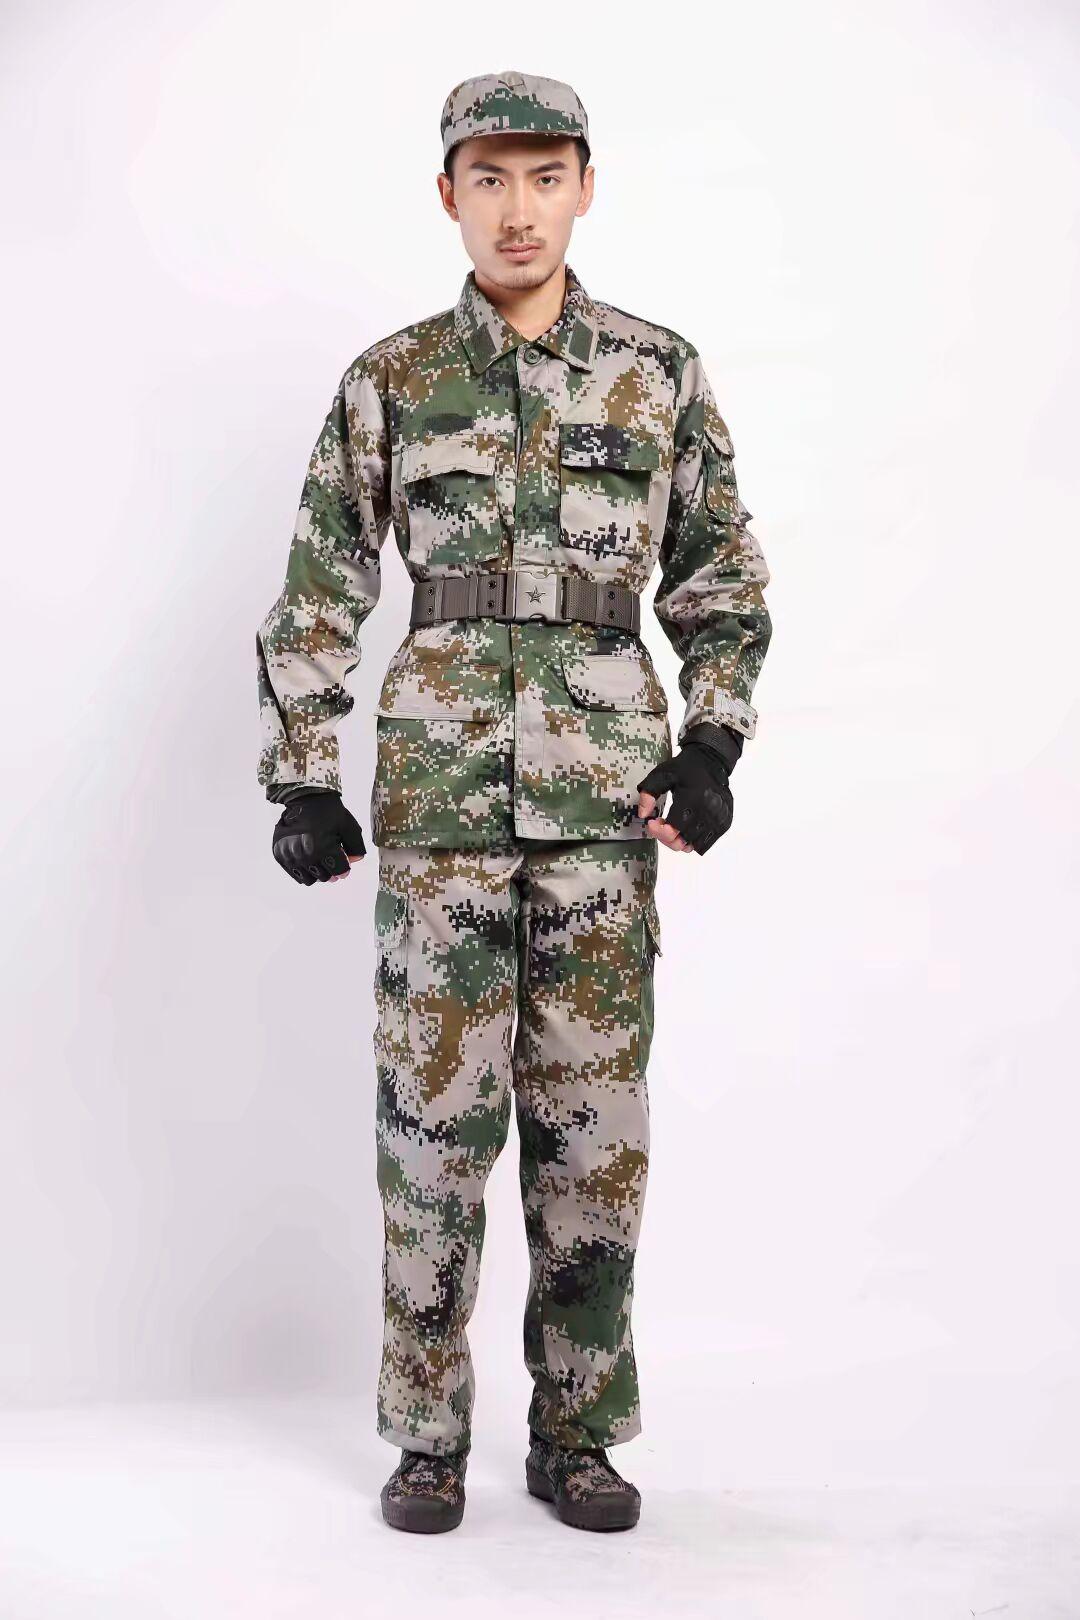 07陆款丛林迷彩服冬季长袖套装通用数码迷彩军训训练服作训服